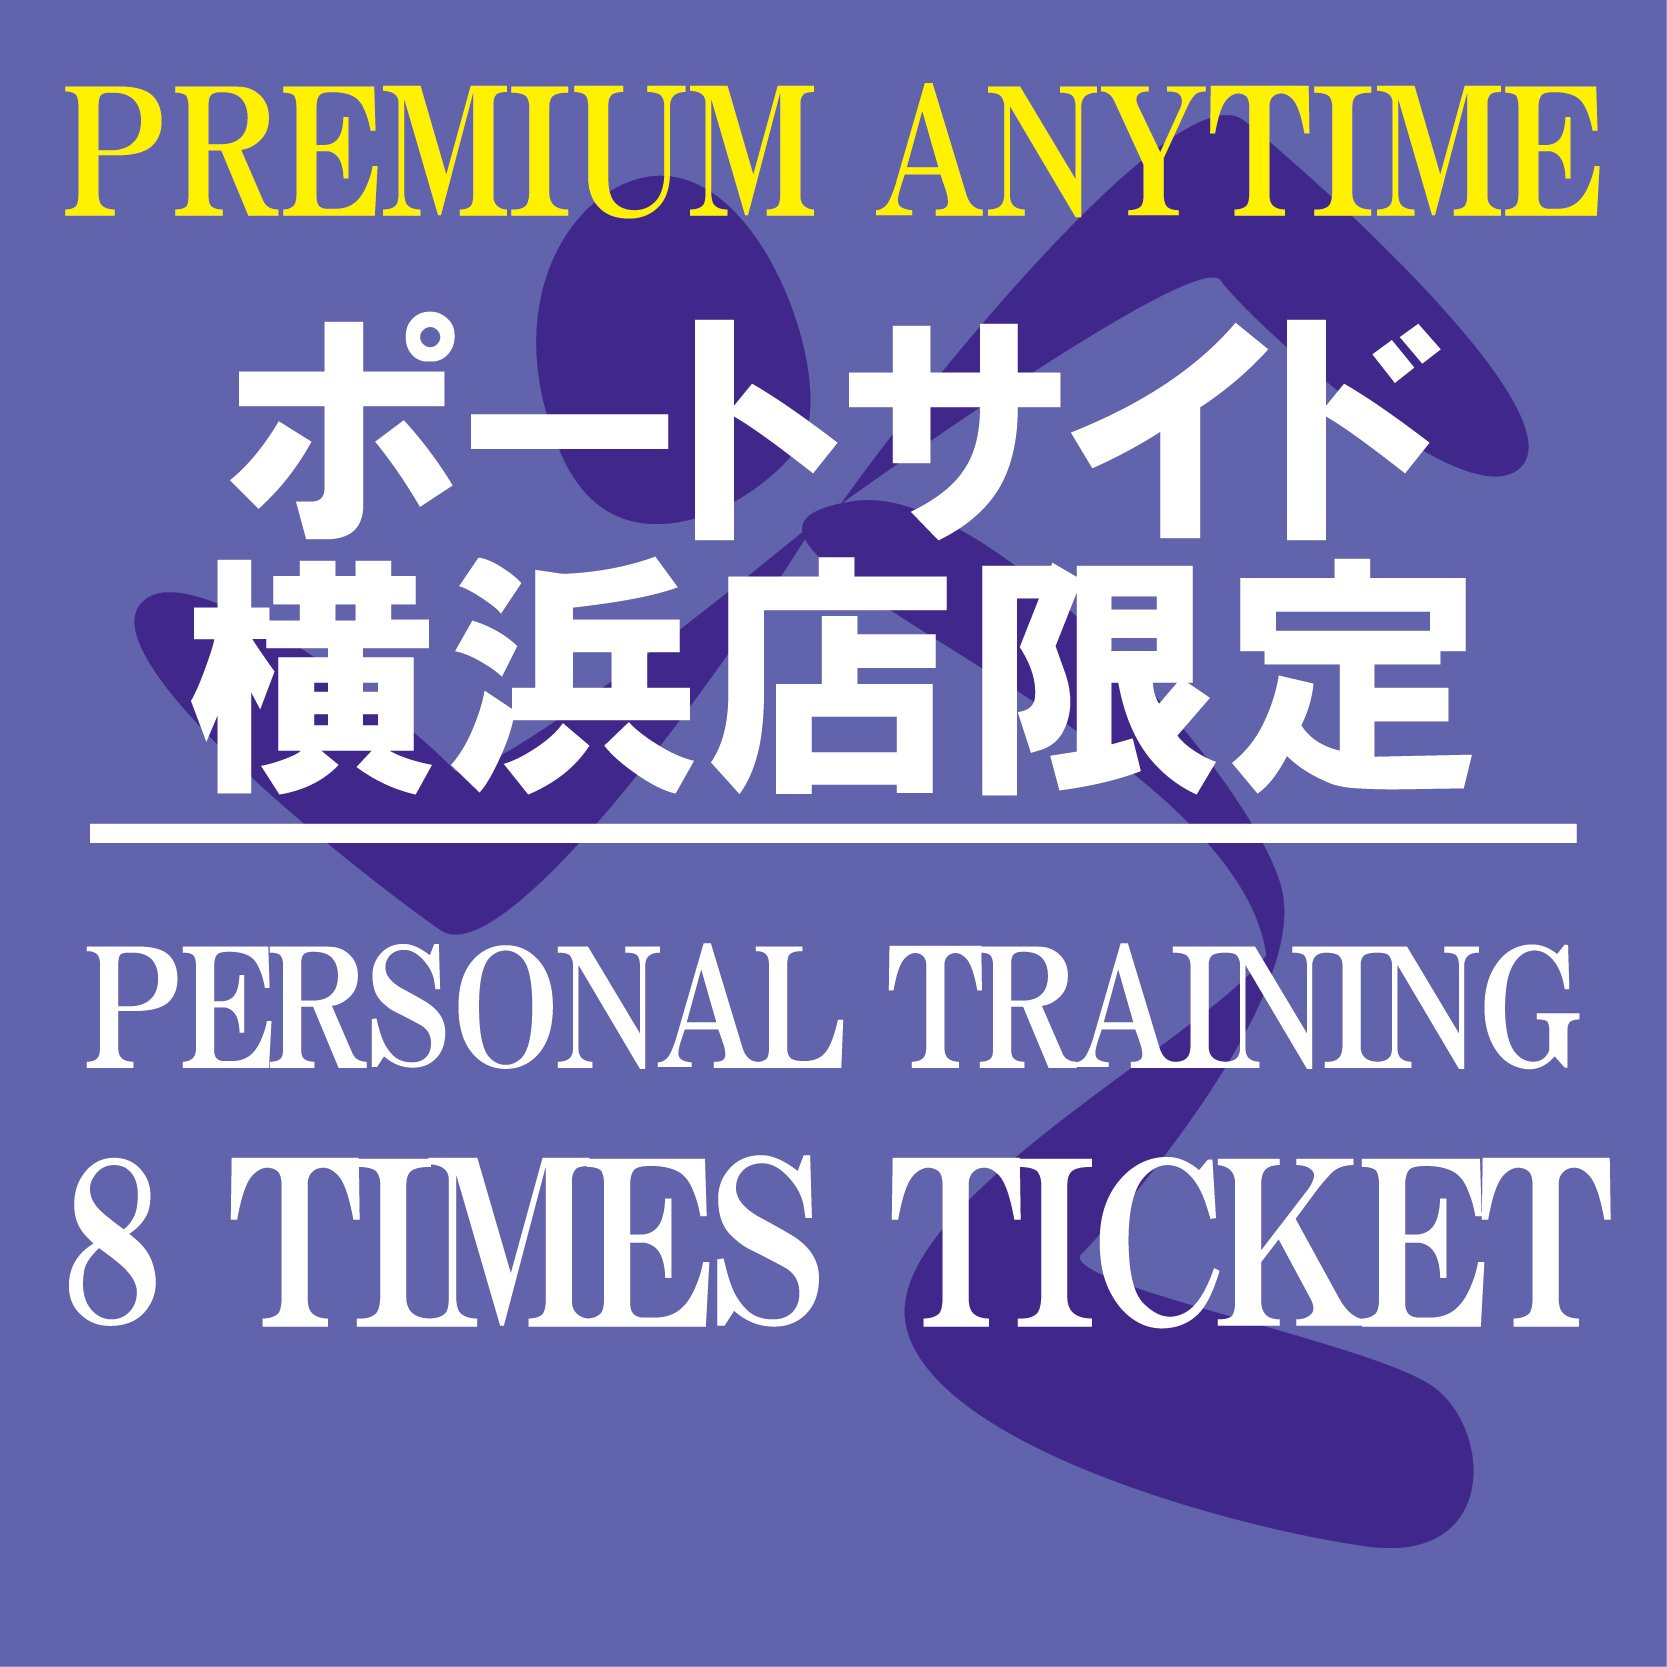 パーソナルトレーニング60分8回チケット〜ANYTIME PREMIUM〜[エニタイムフィットネスポートサイド横浜店限定]のイメージその1